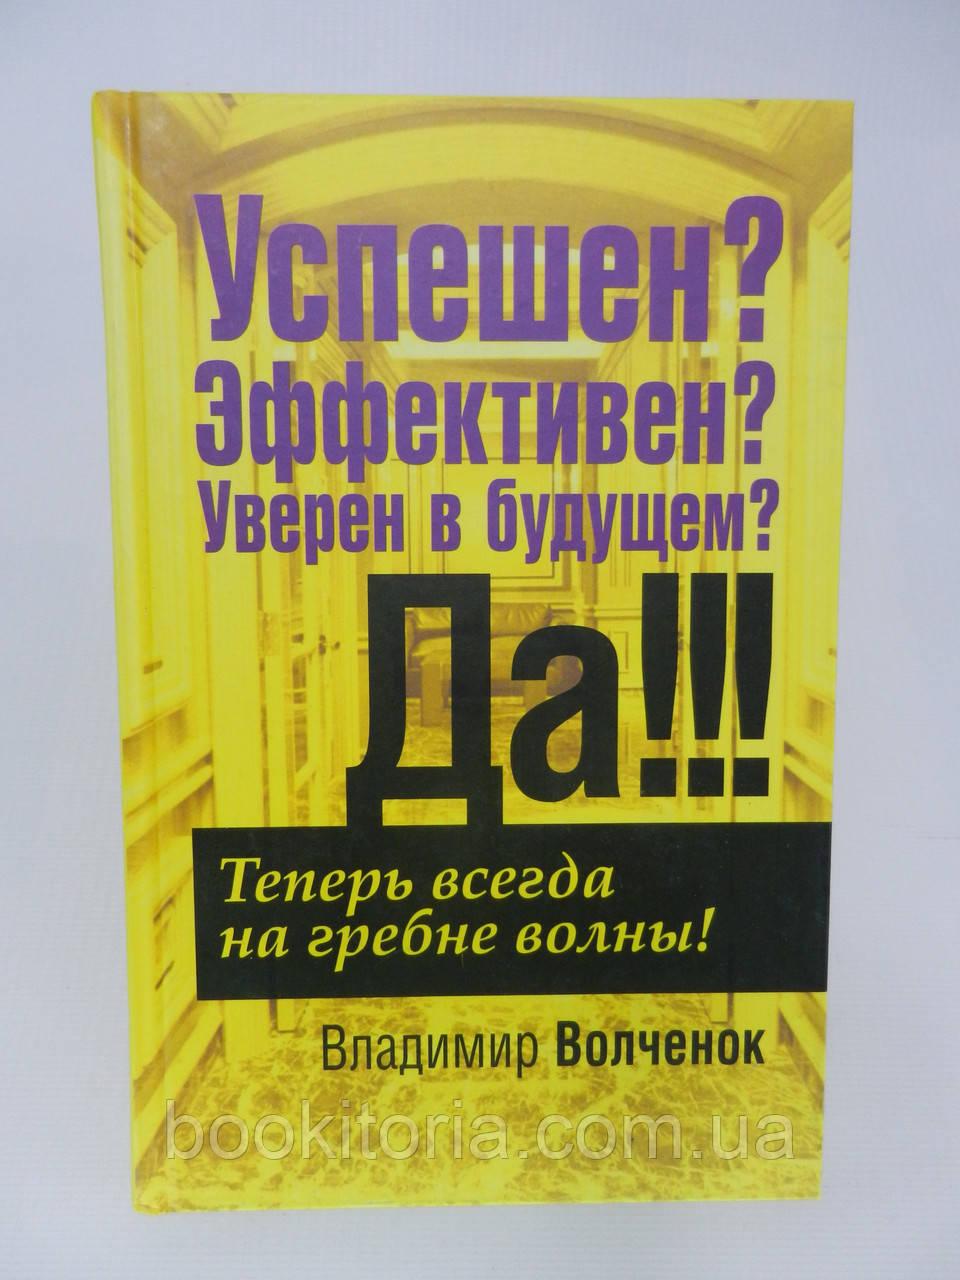 Волченок В.Ф. Успешен? Эффективен? Уверен в будущем? Да! (б/у).